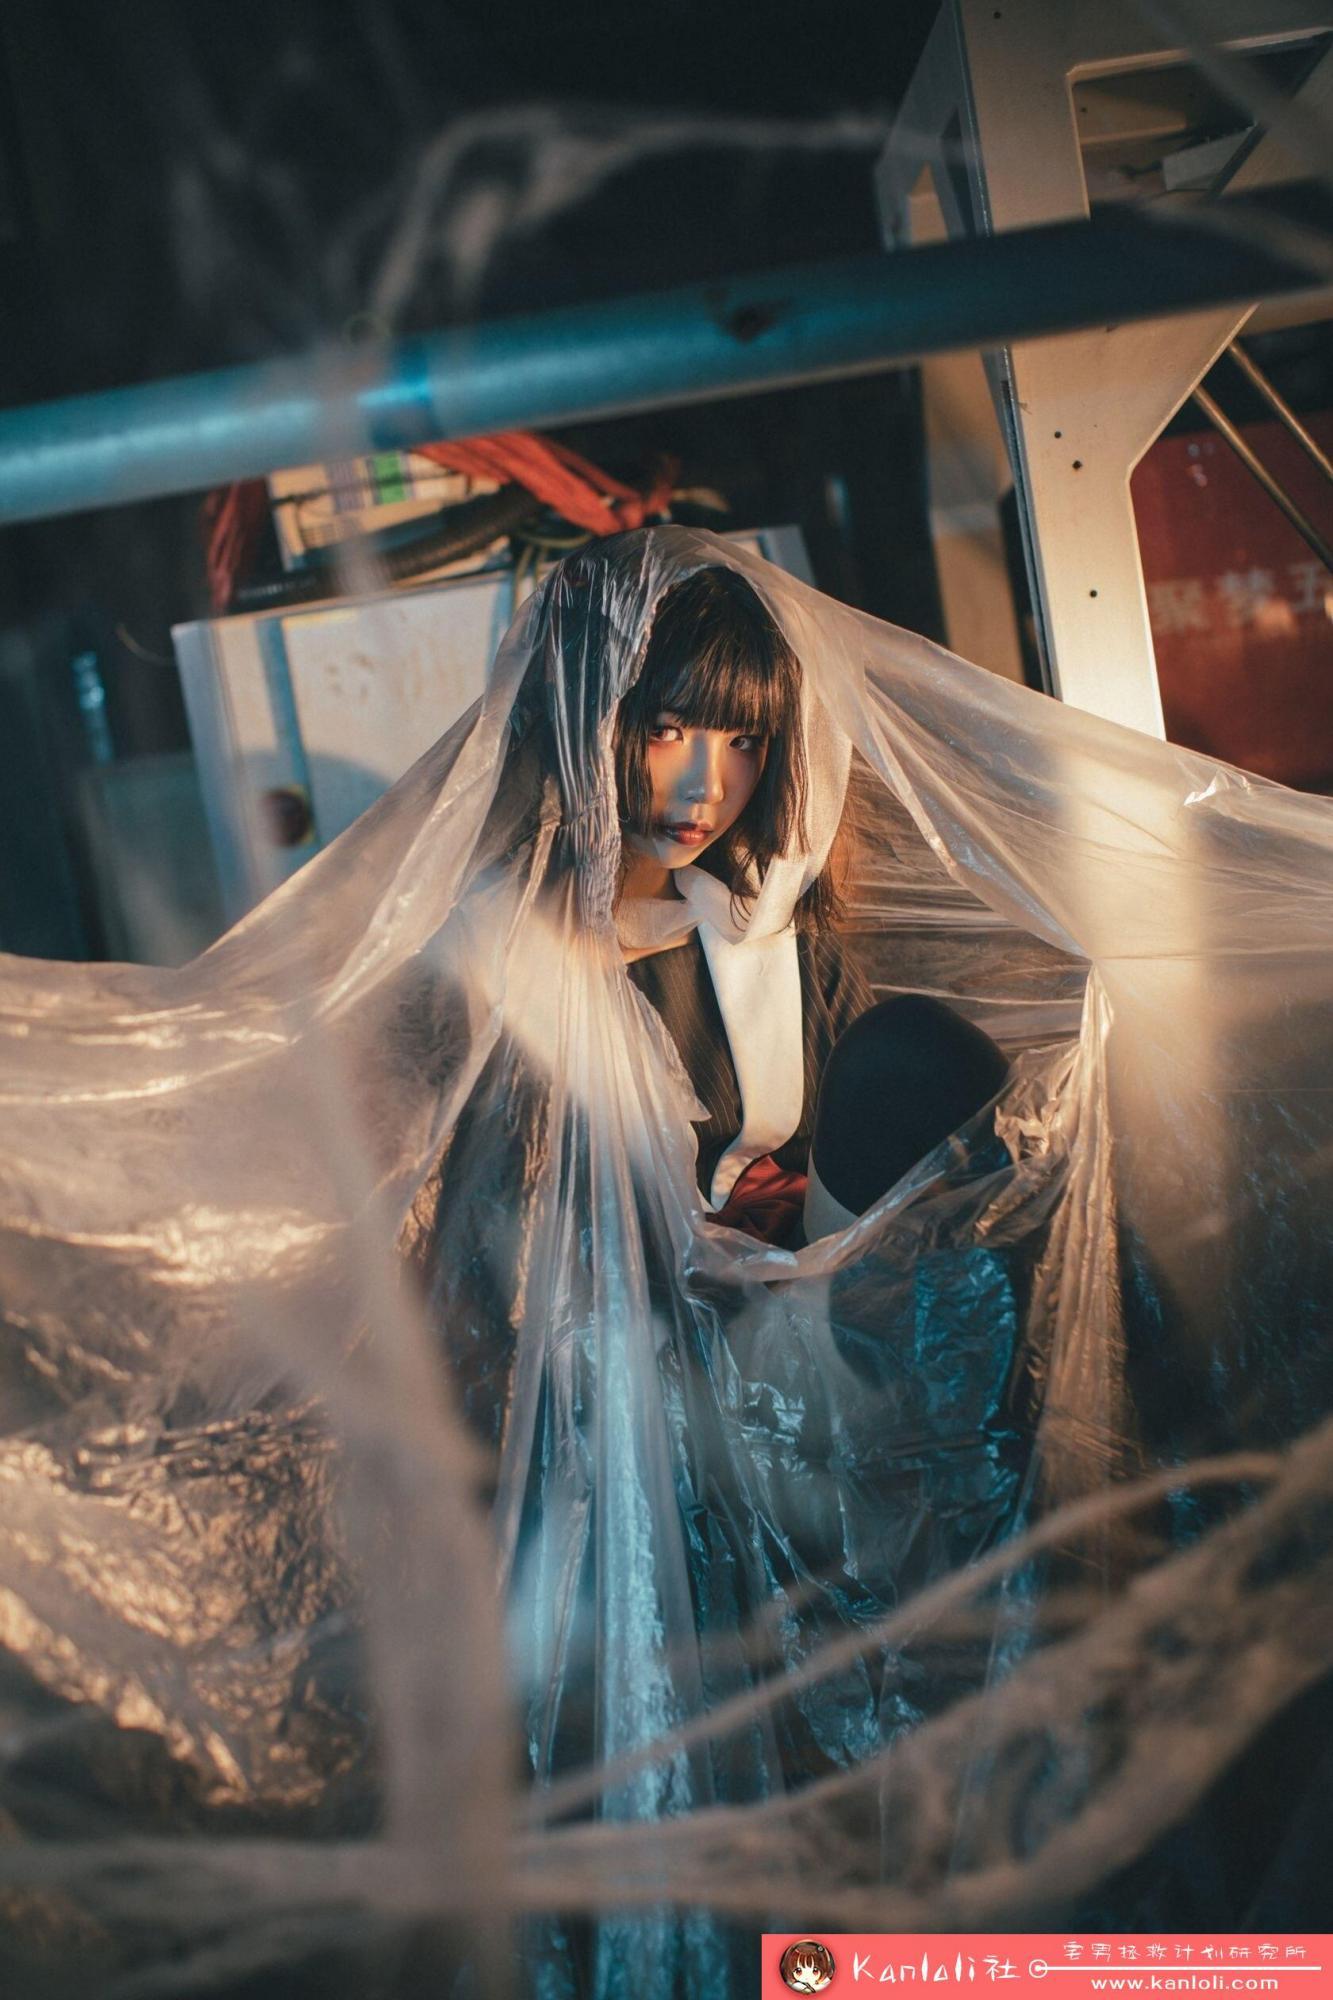 【疯猫ss】疯猫ss写真-FM-021 老旧房子的写真 [10P]